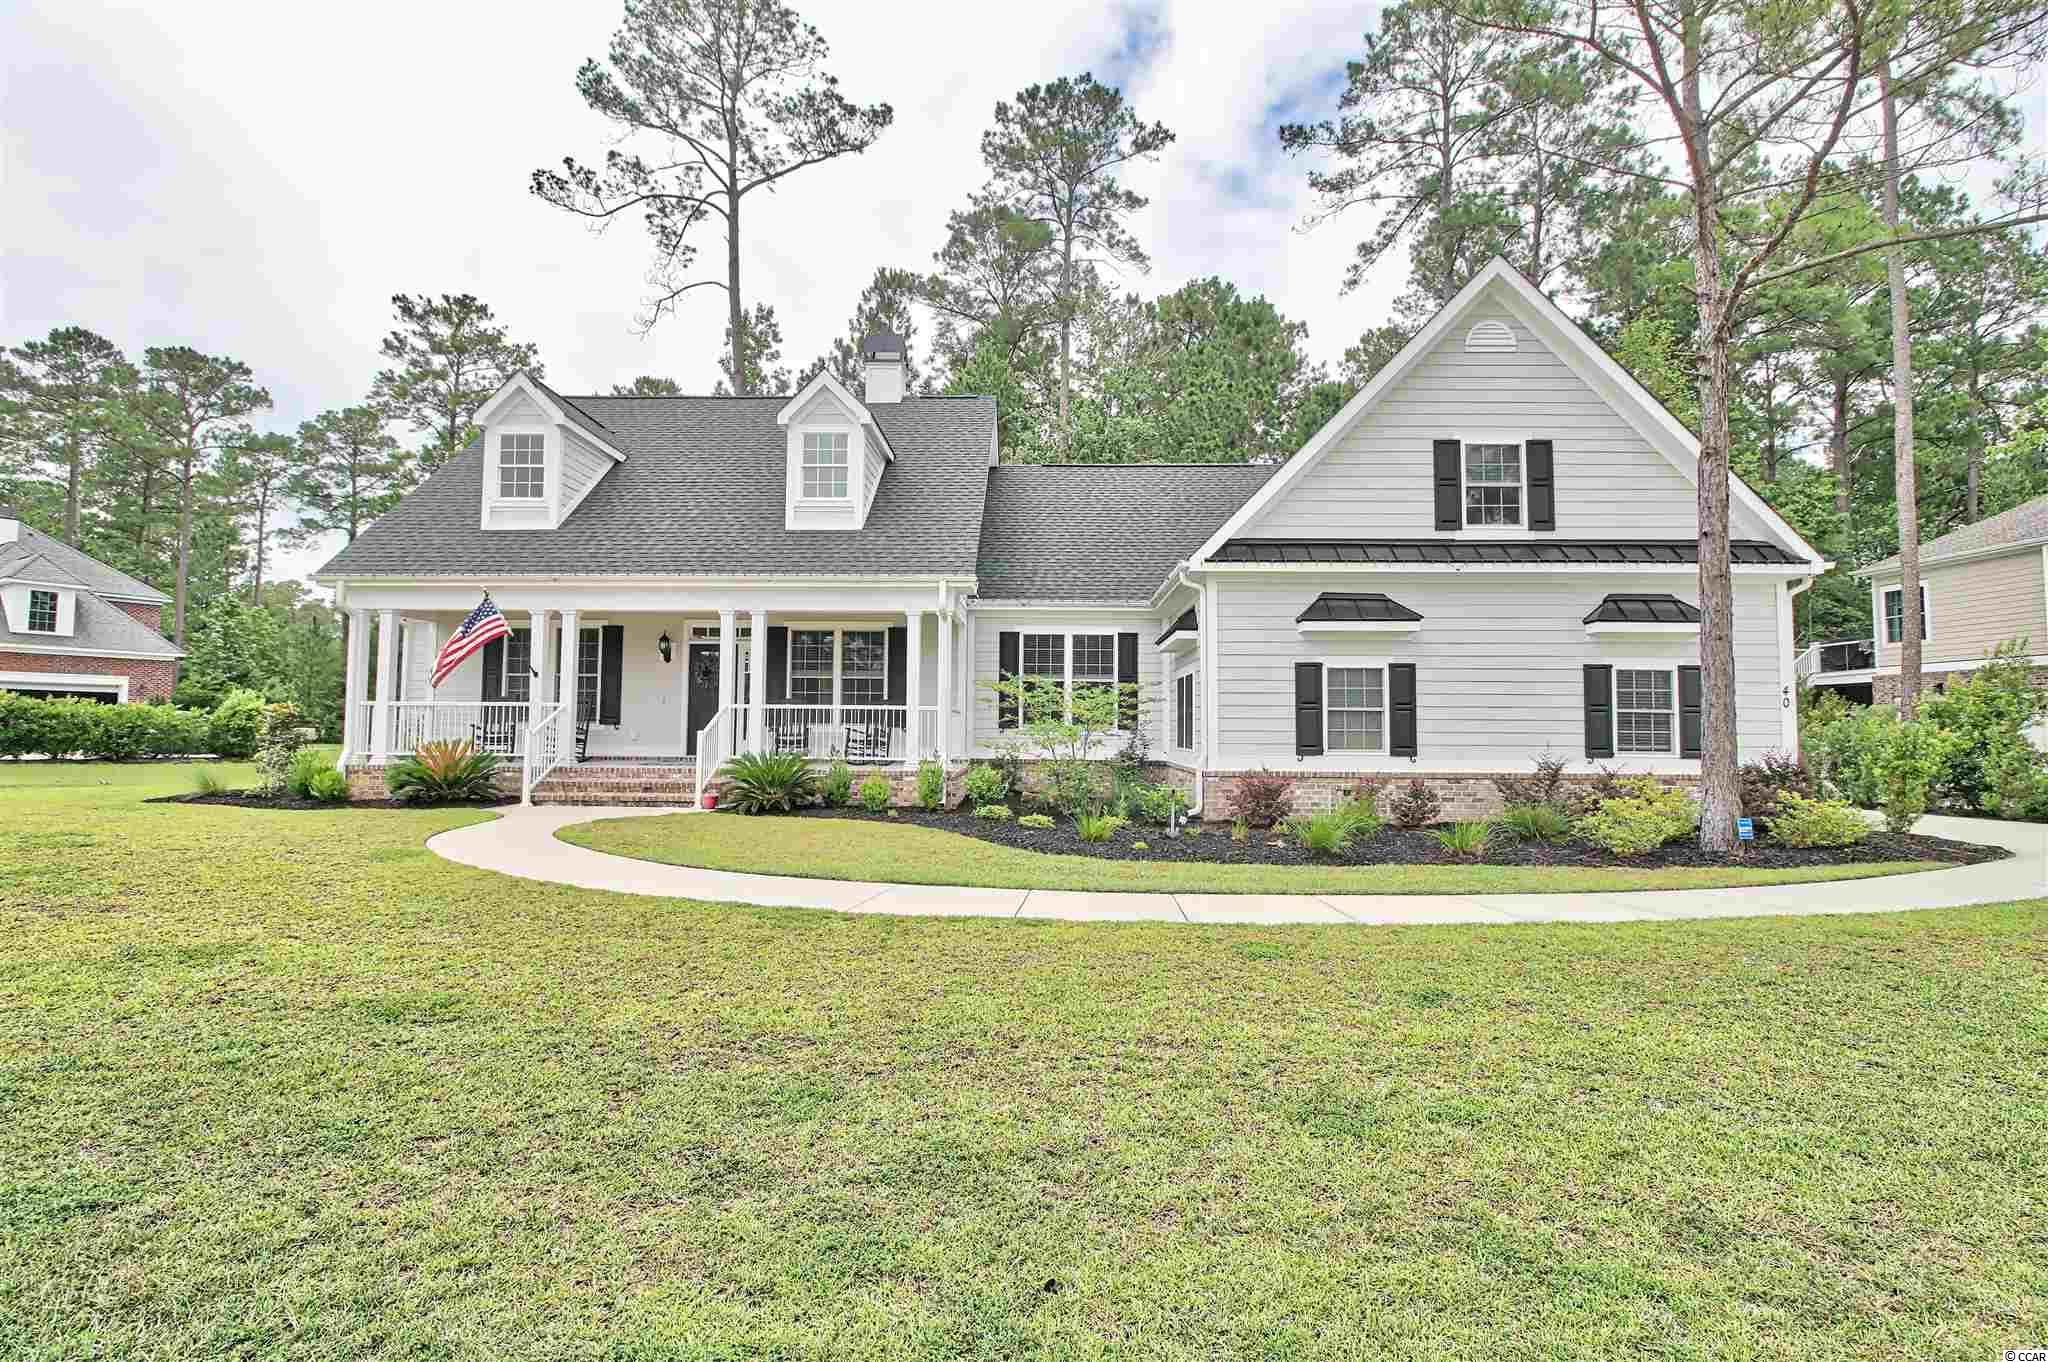 40 Knotty Pine Way Property Photo 1